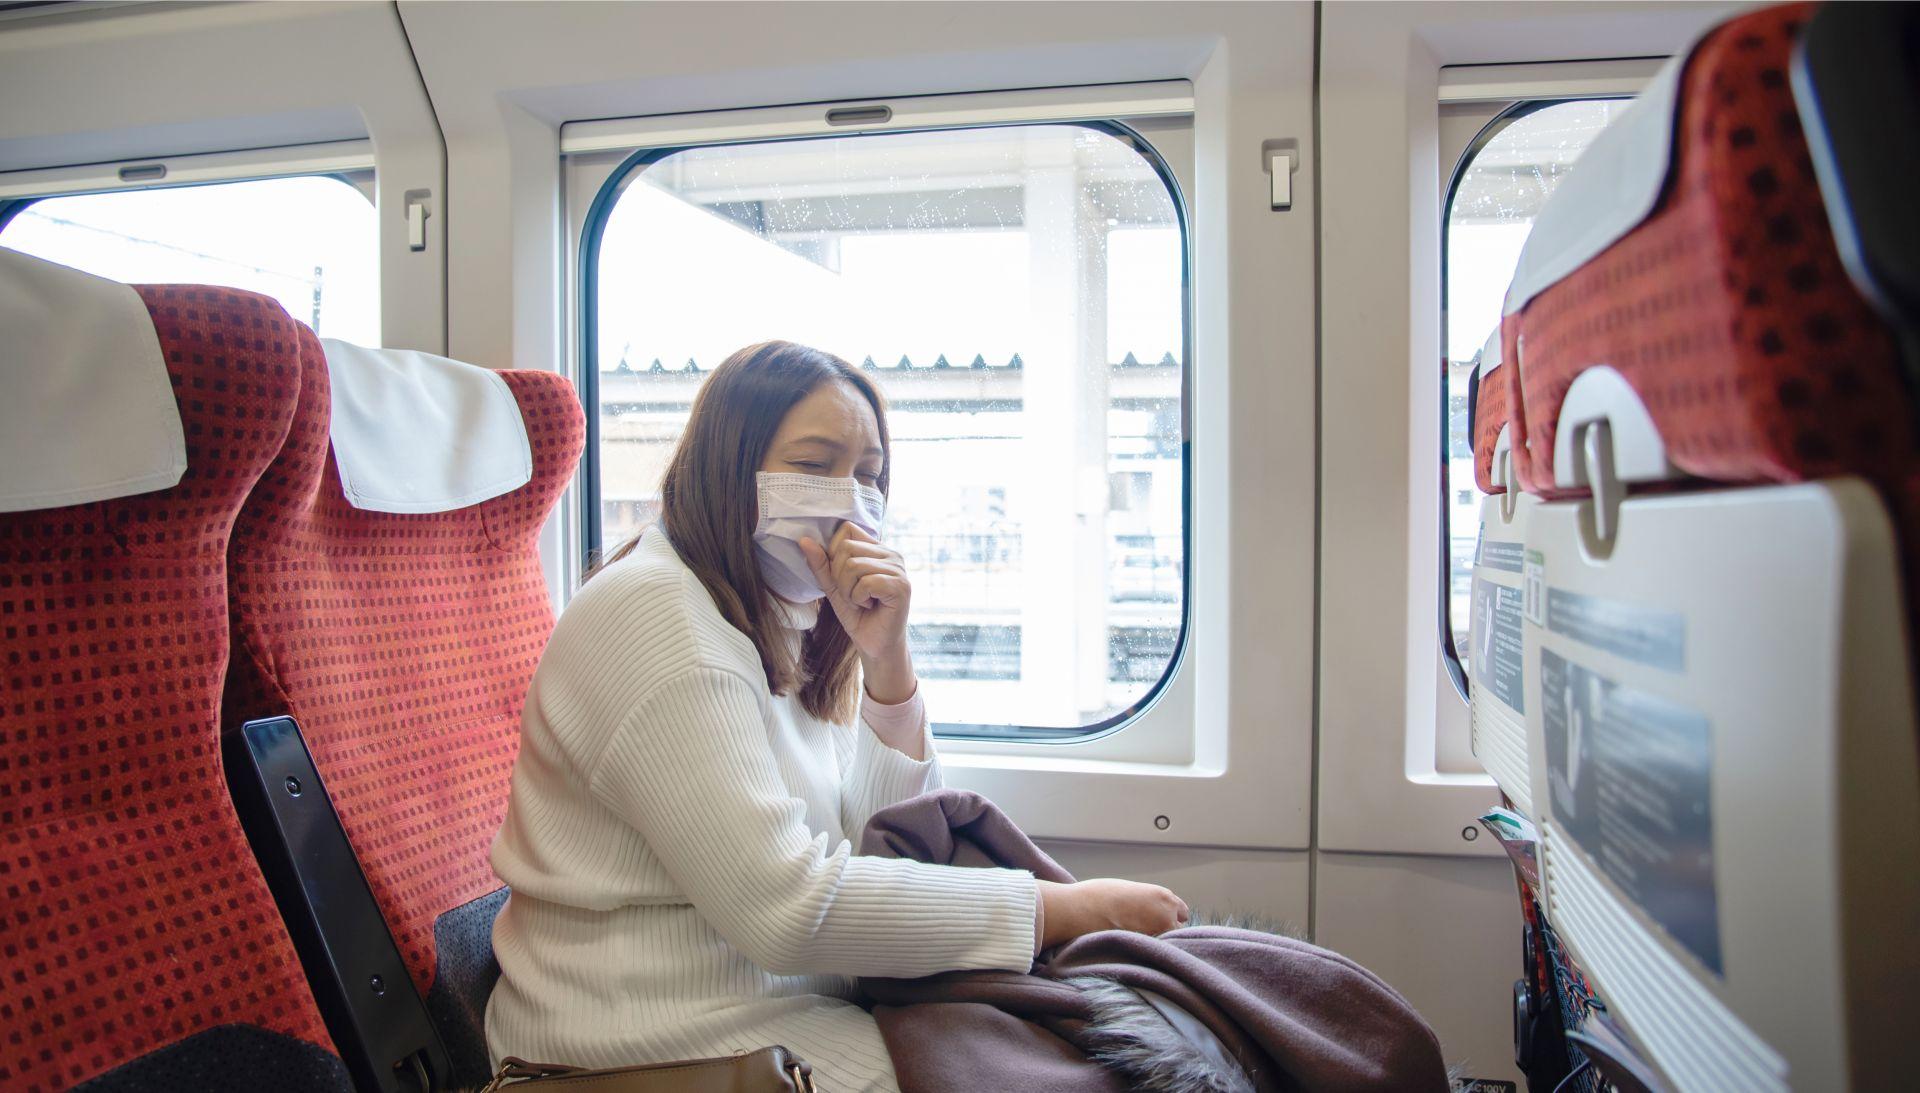 武漢肺炎可能致肺纖維化!病毒感染讓你呼吸困難和慢性咳嗽...出現發燒、體重下降4症狀趕緊就醫